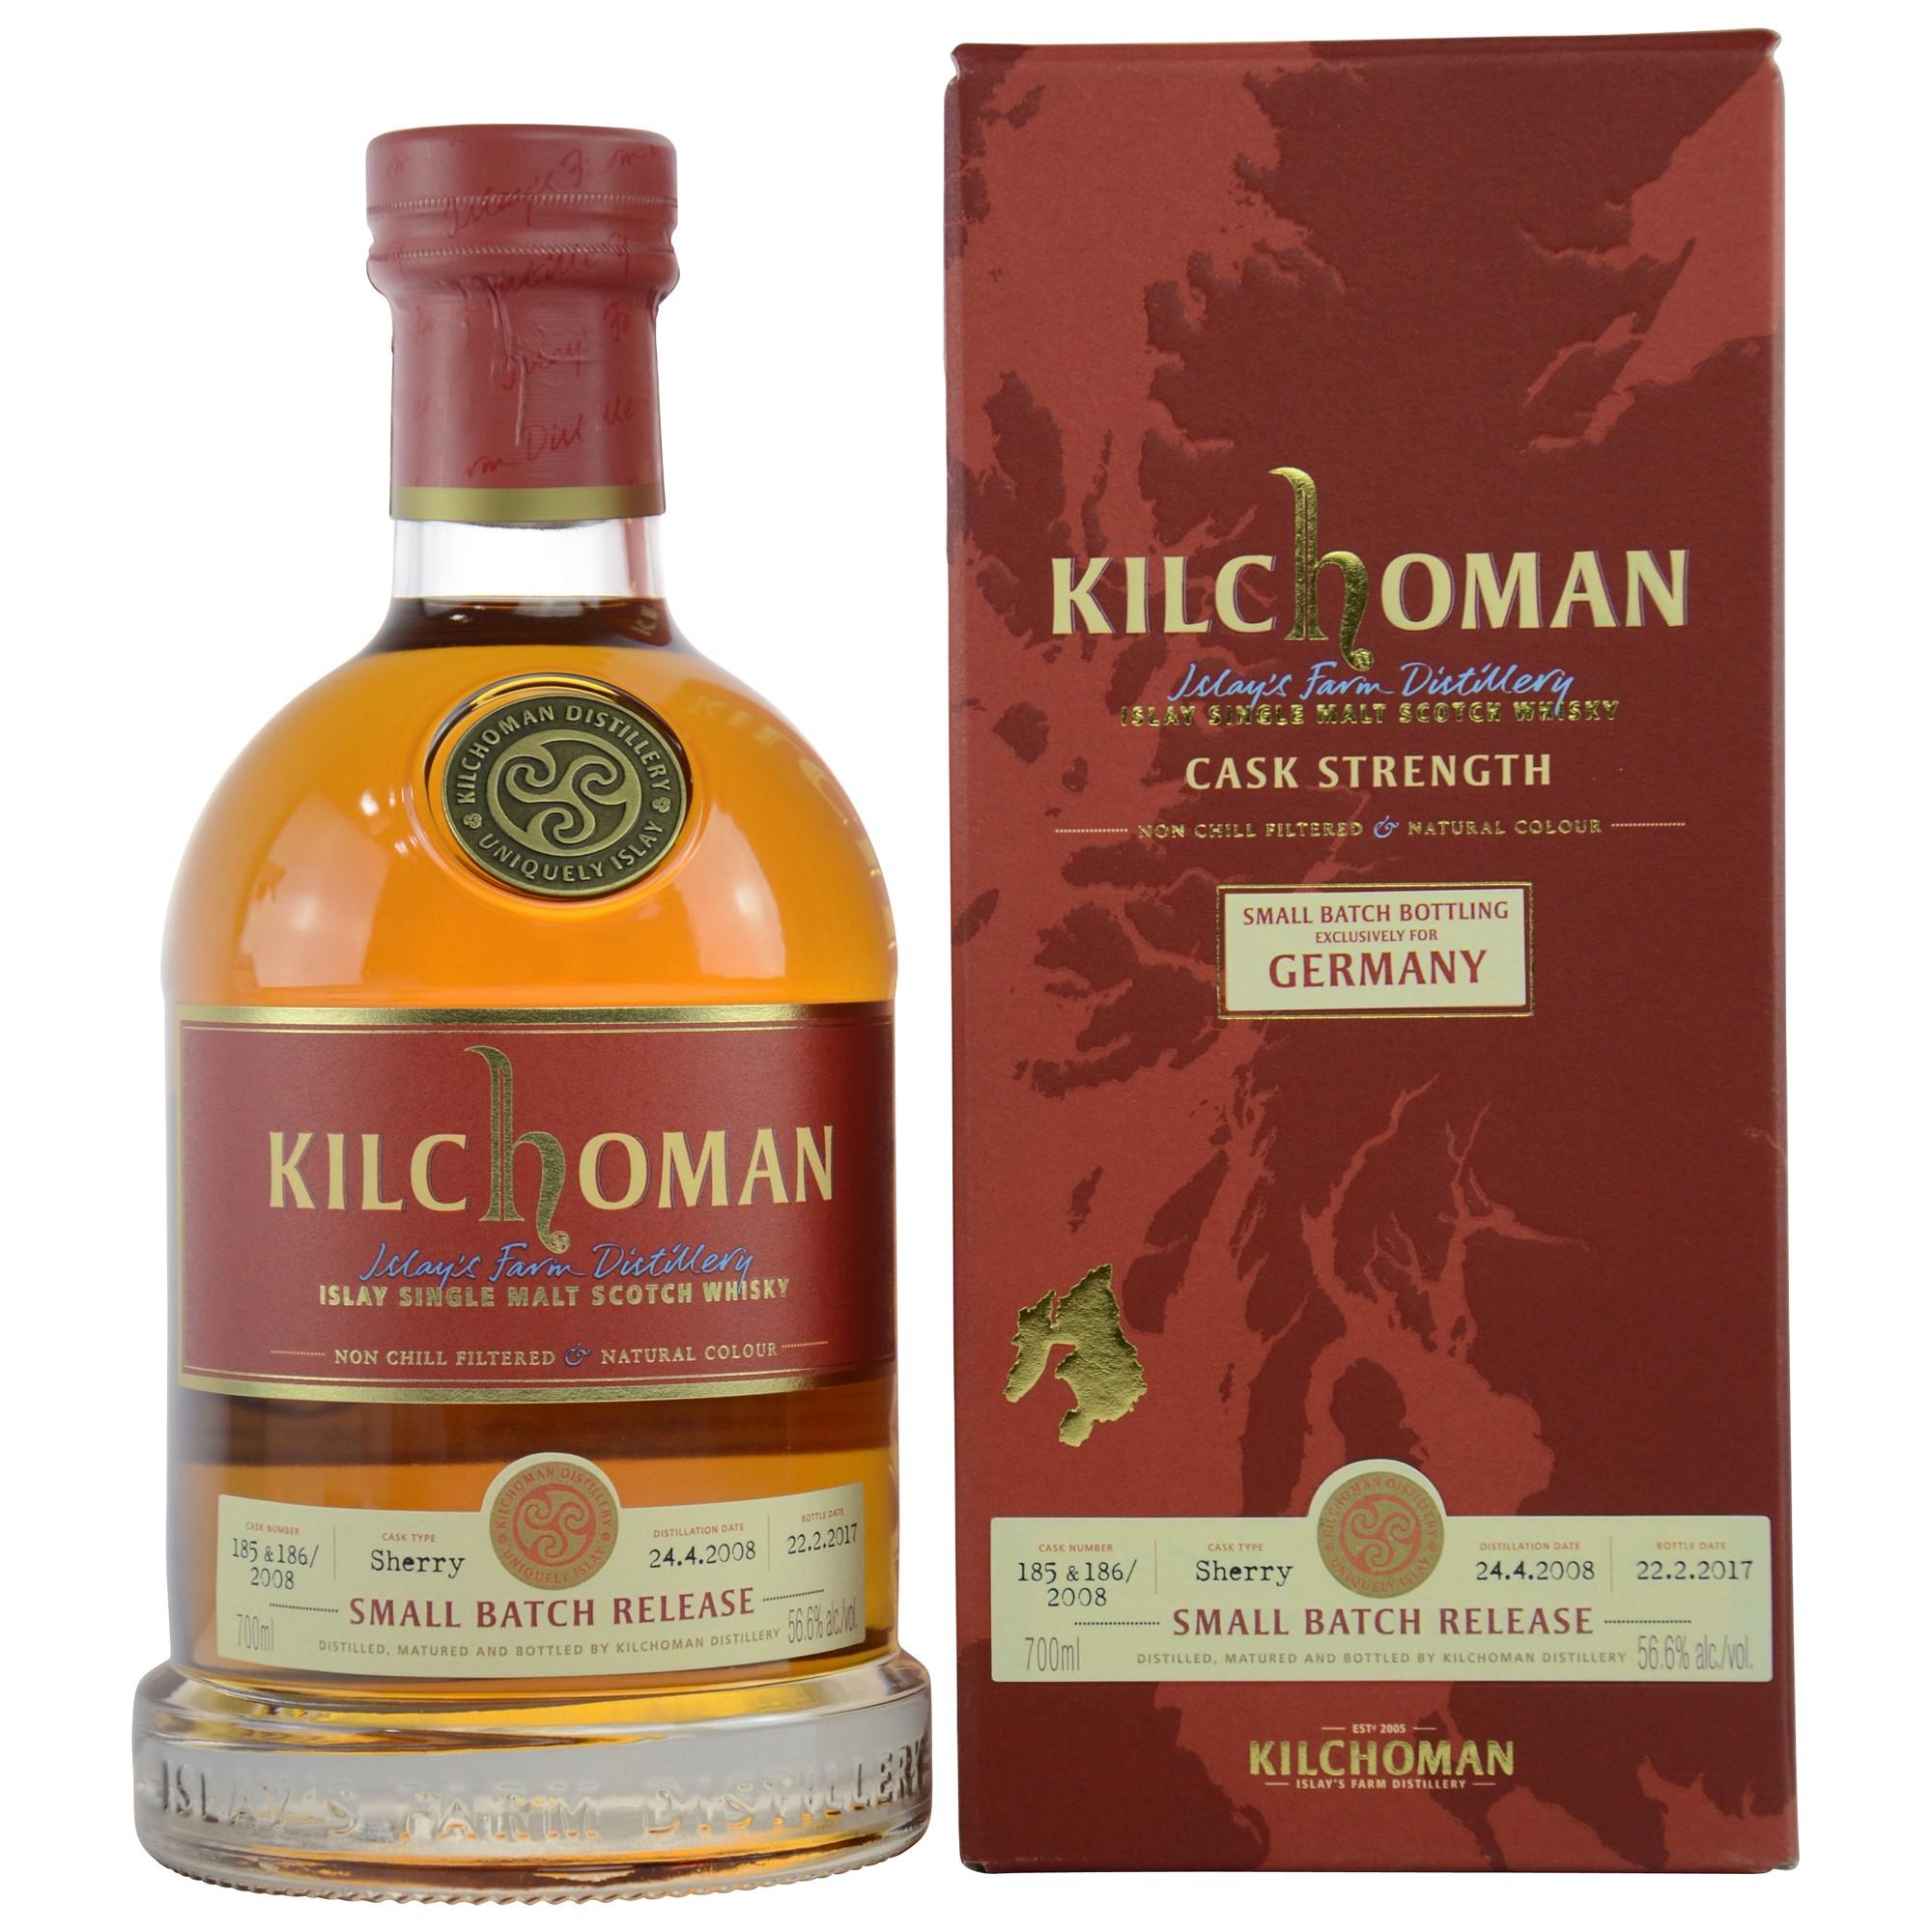 Kilchoman 2008 Small batch Release